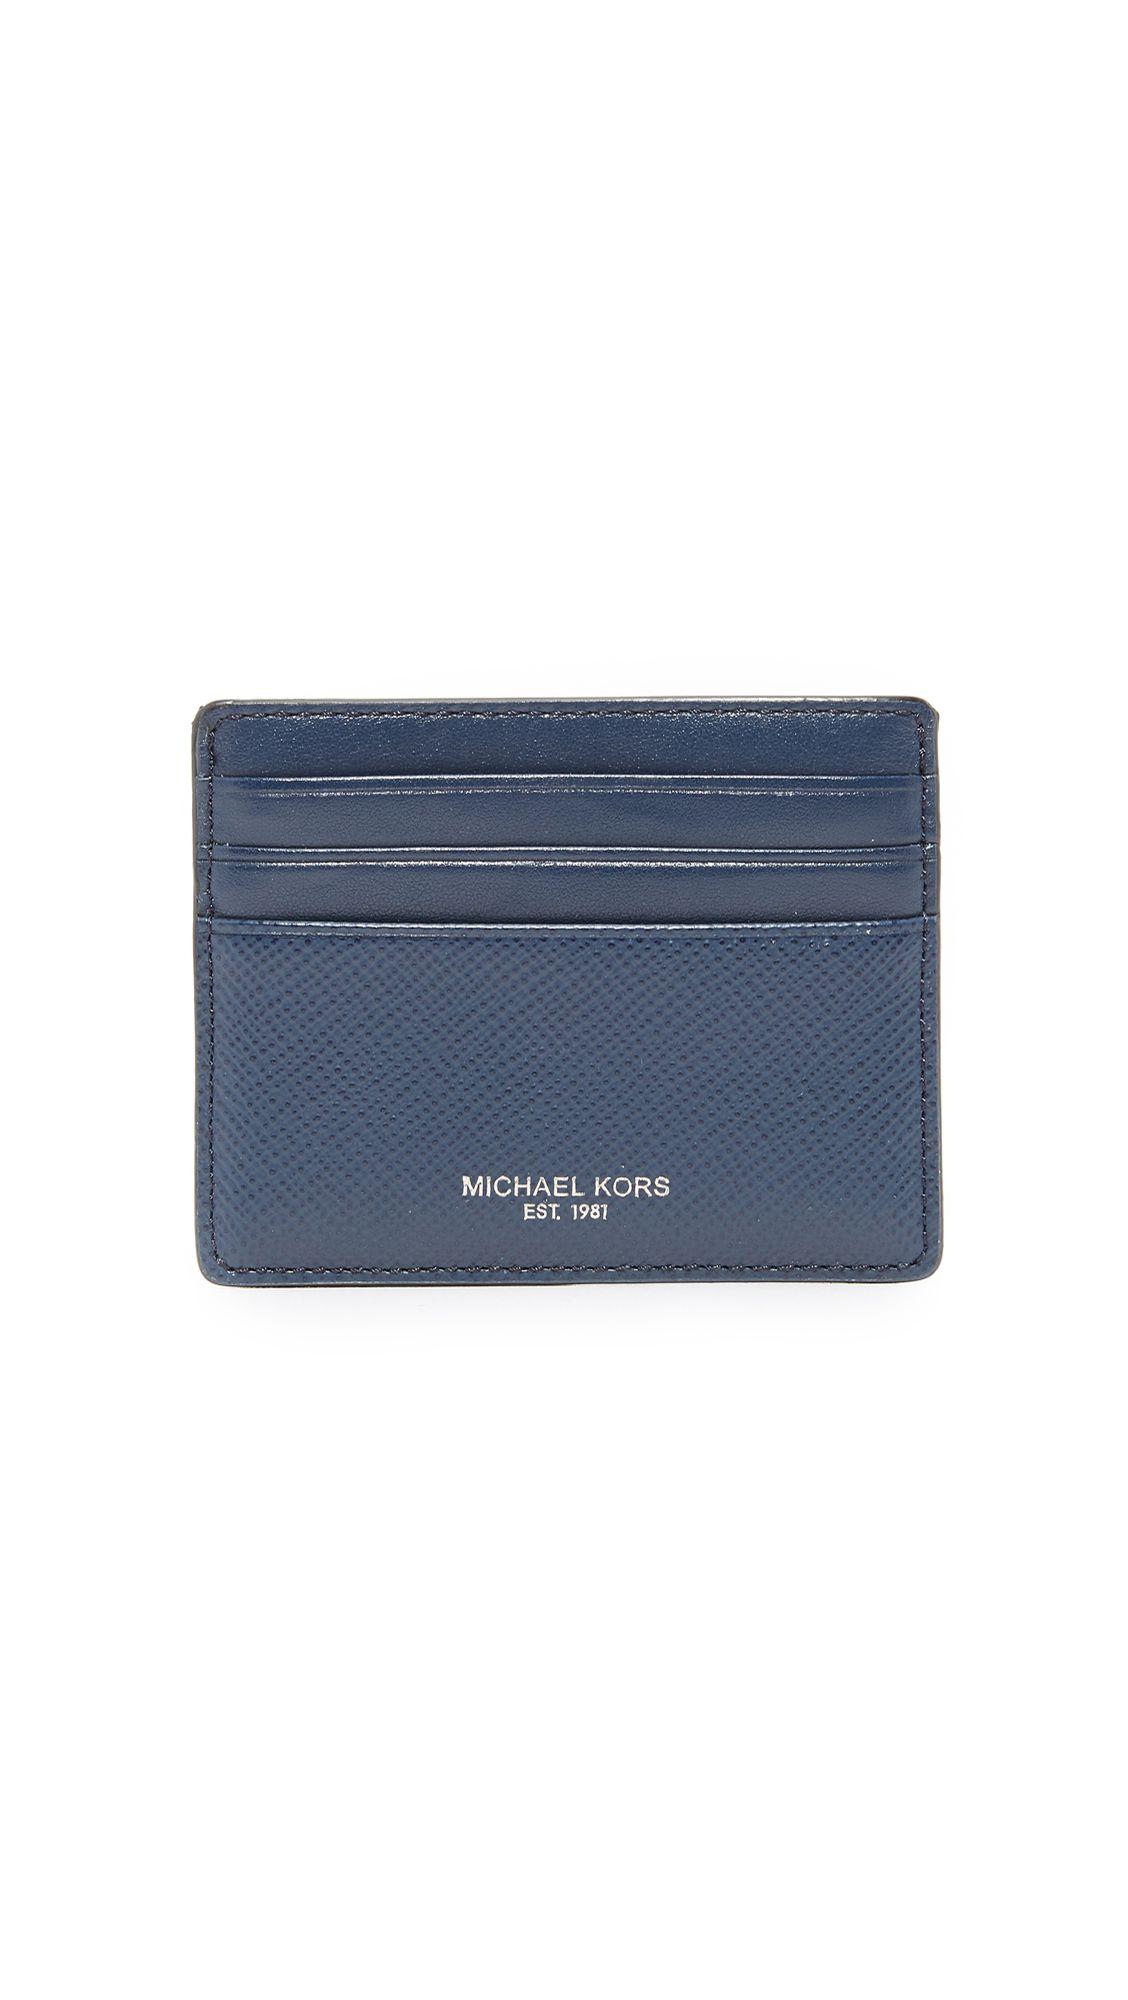 db1cf3d5c2d0 MICHAEL KORS Harrison Leather Card Case.  michaelkors  case